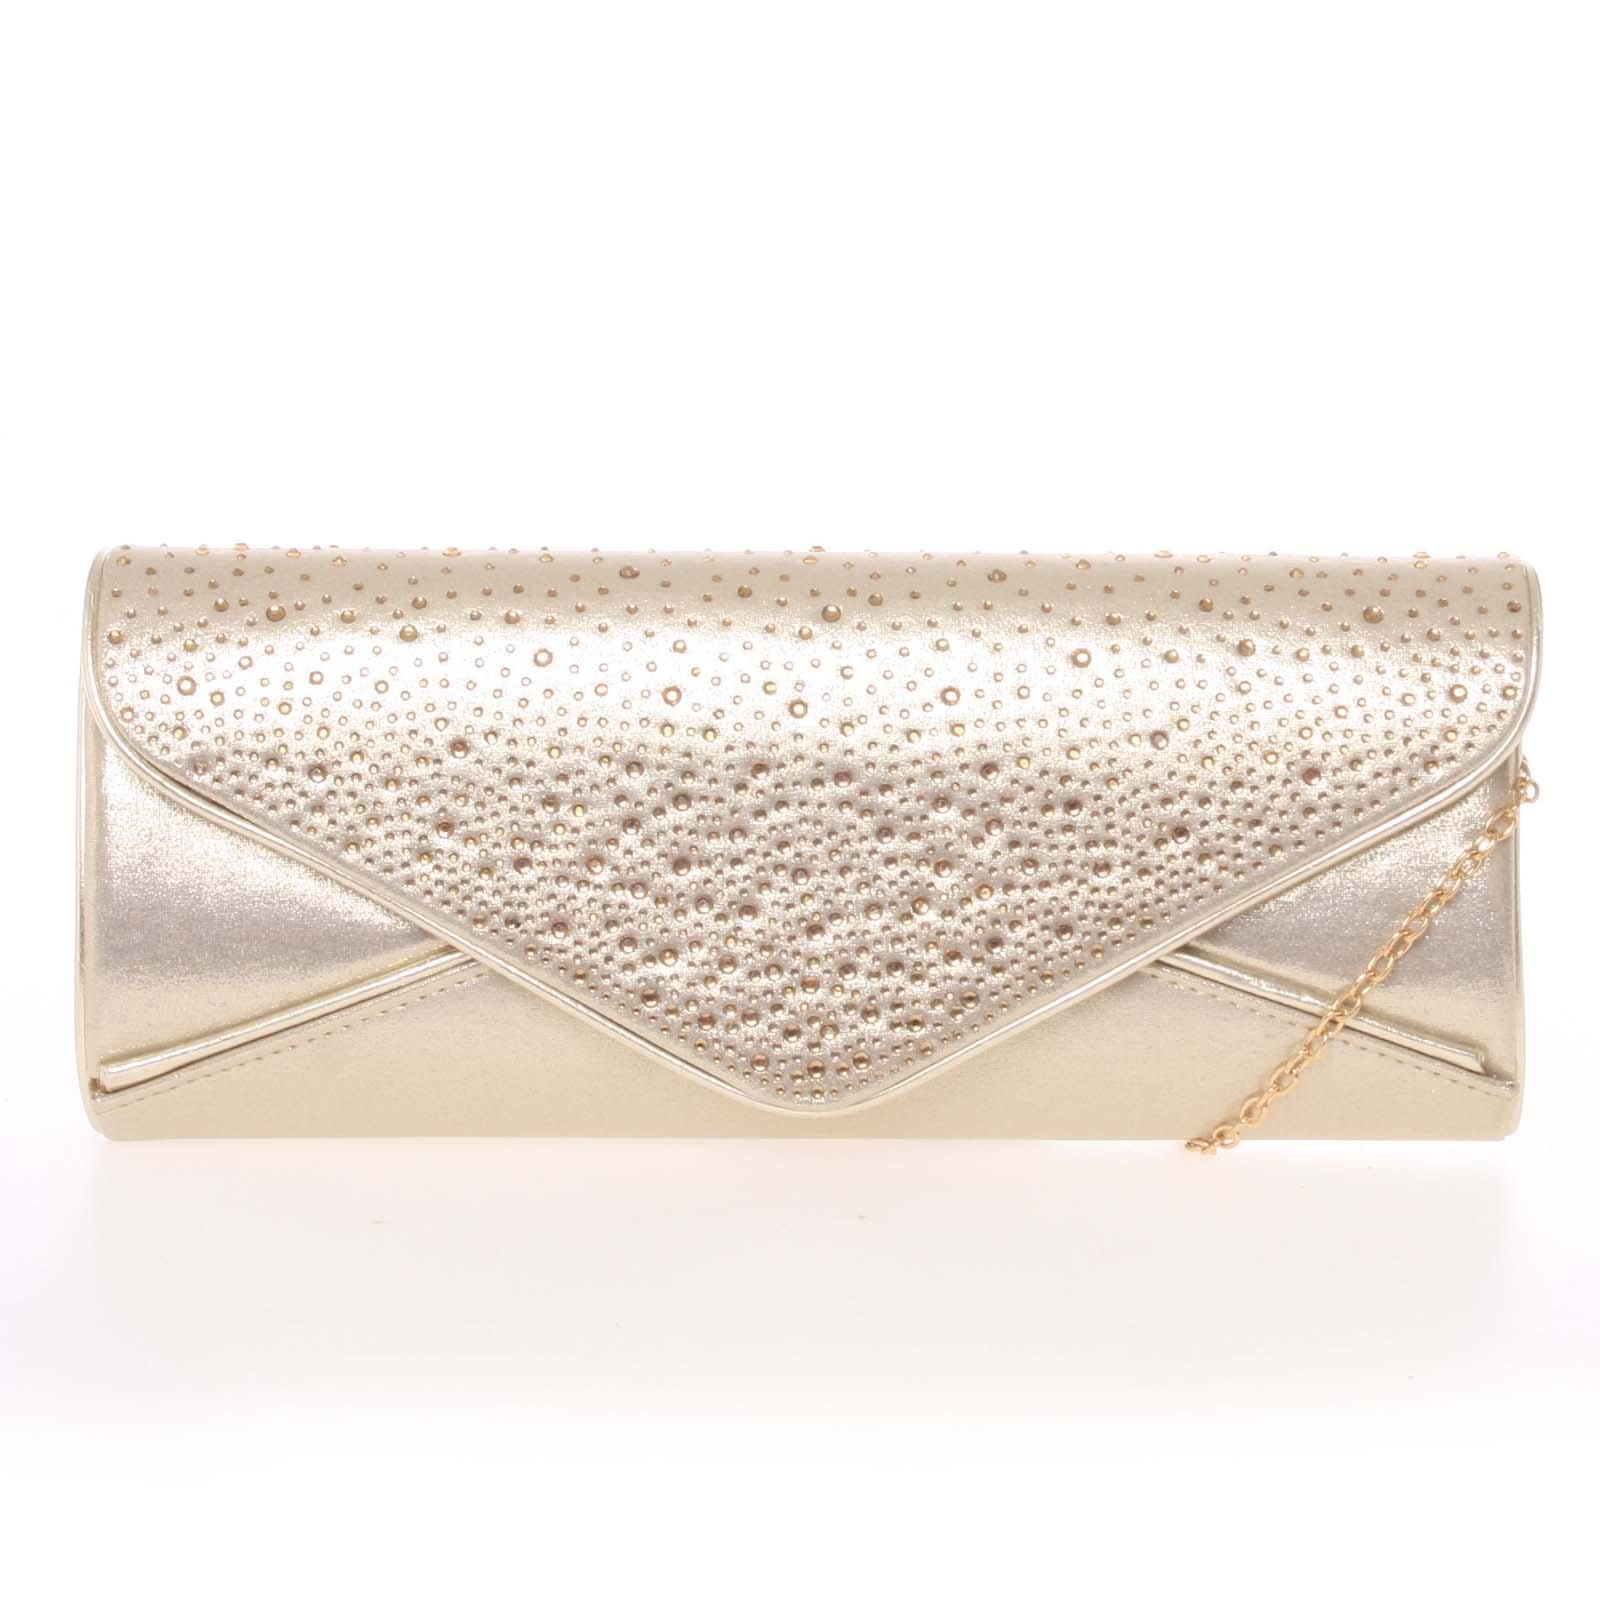 d0aa73330 Exkluzívna dámska zlatá listová kabelka - Delami D547 zlatá - Glami.sk